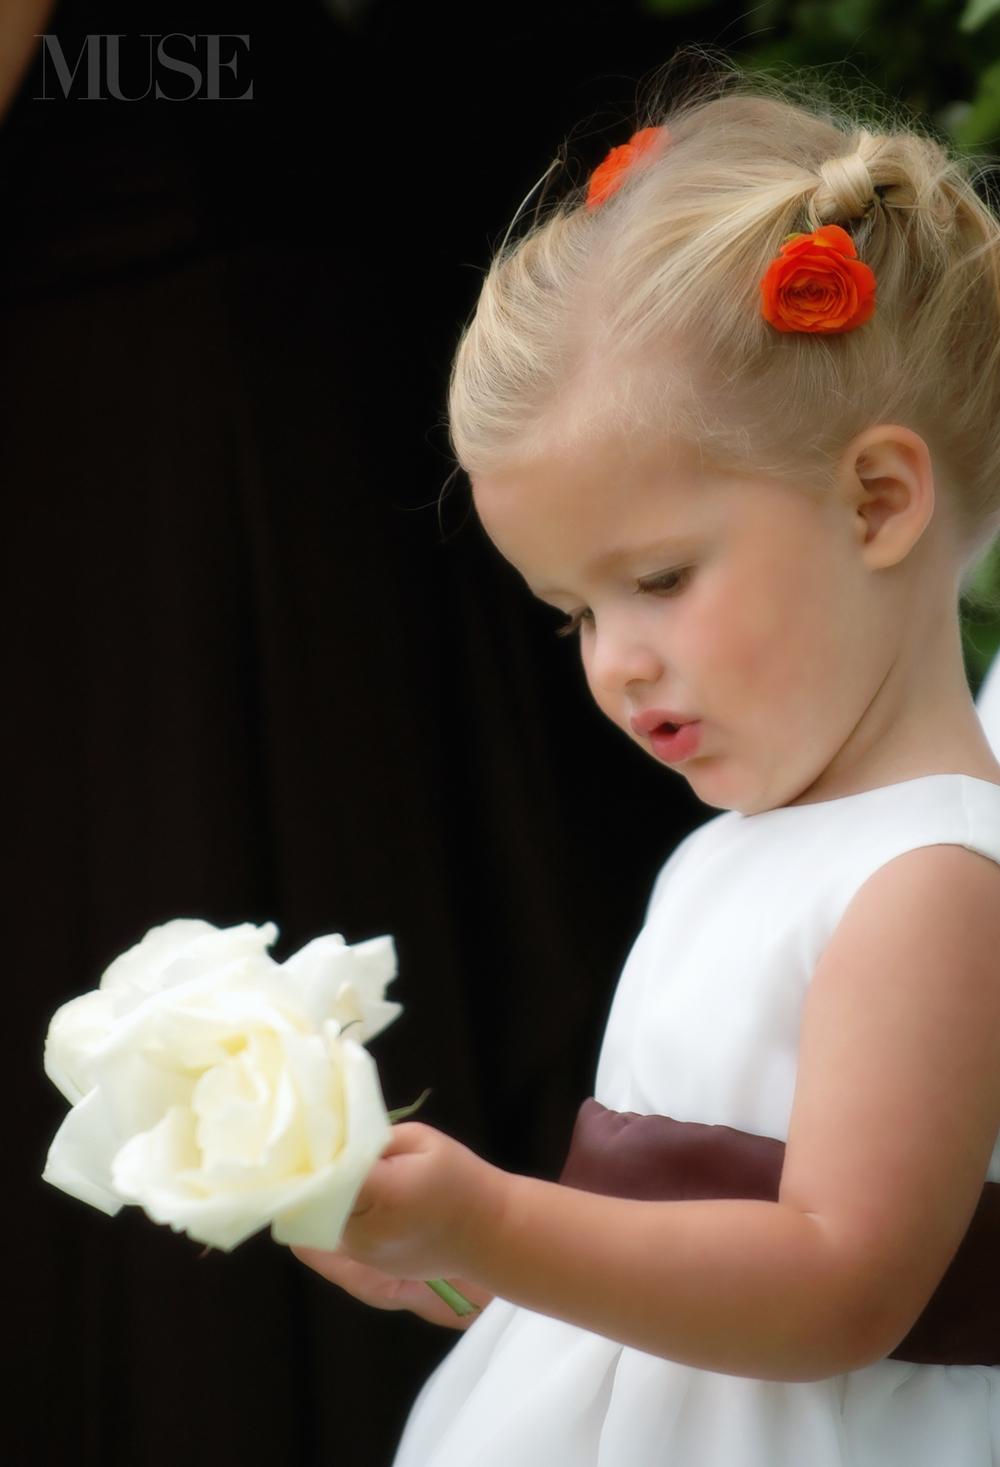 MUSE Bride - Flower Girls